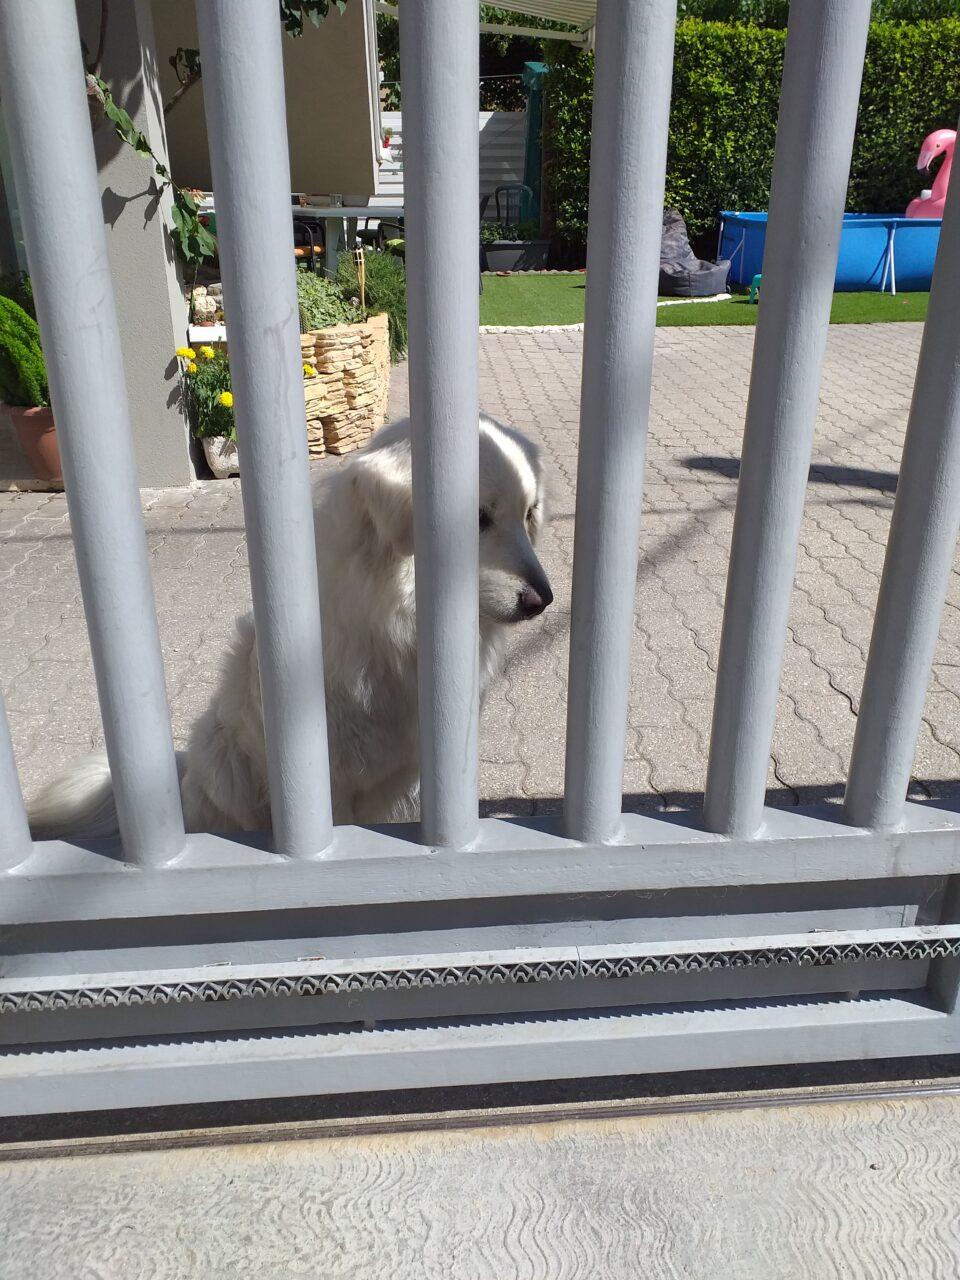 La sofferenza dei cani che vivono in giardino